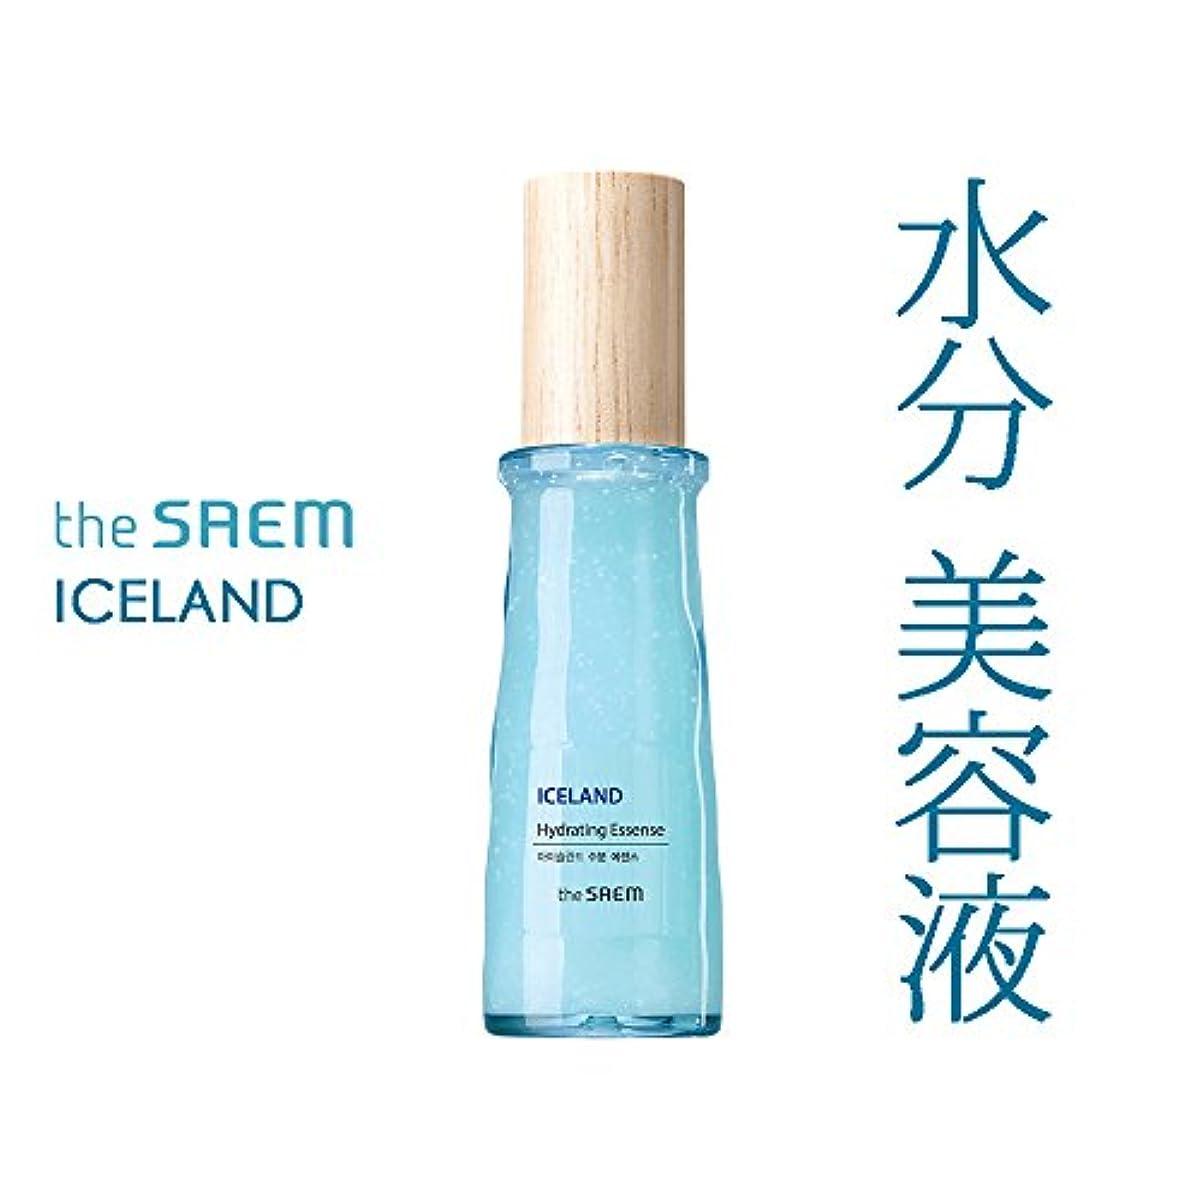 明確な血まみれ引くザ セム The saem アイスランド 水分 美容液 エッセンス The Saem Iceland Hydrating Essence 60ml